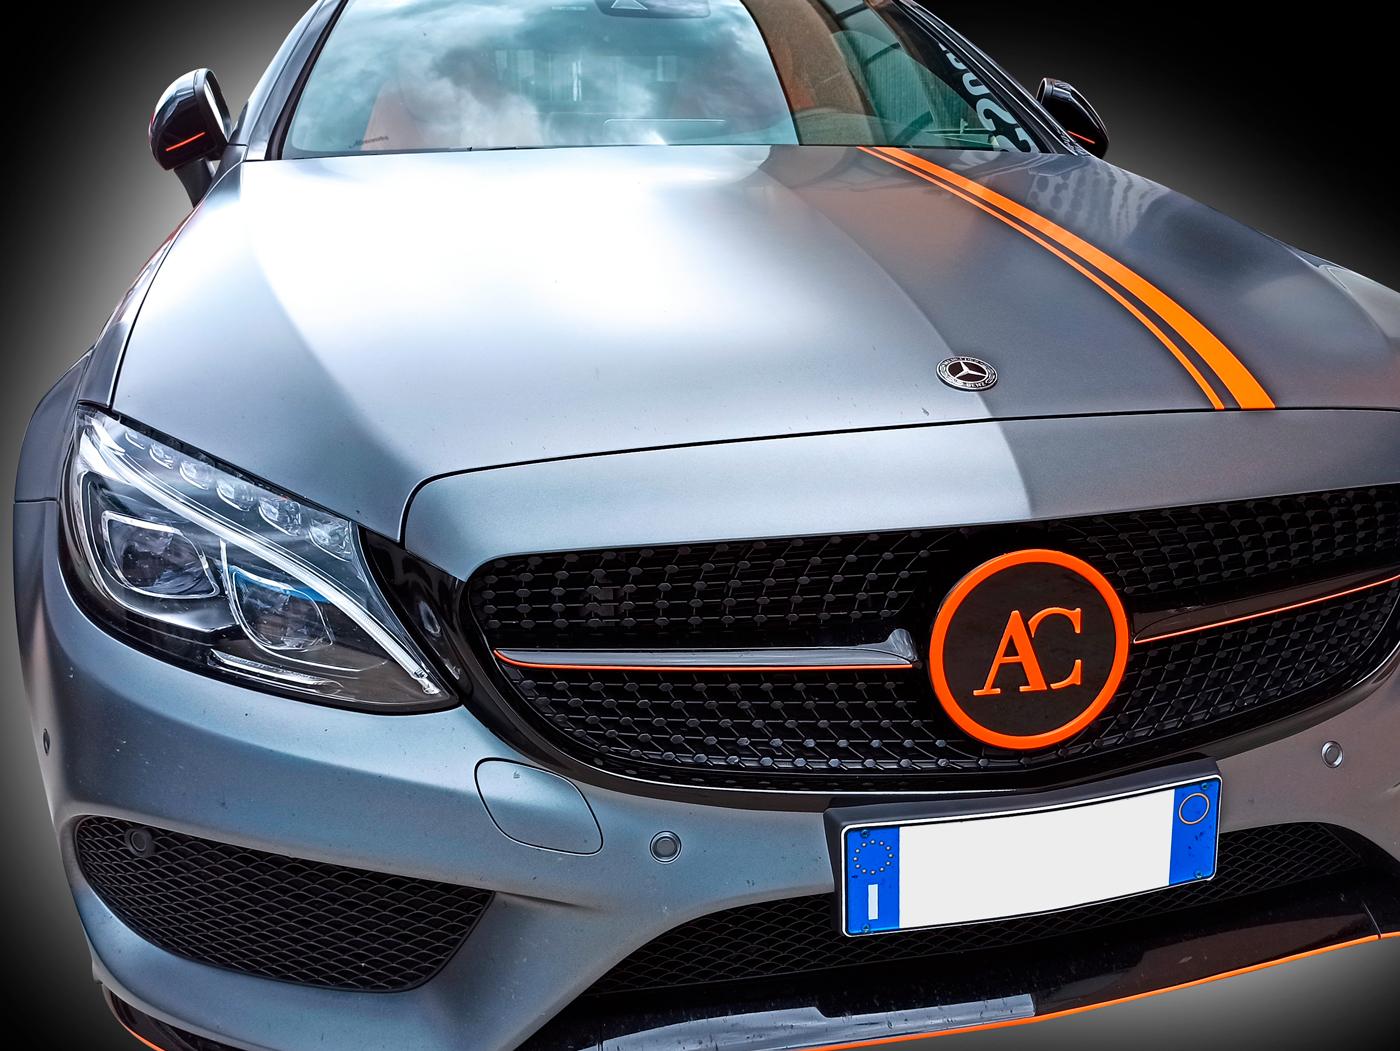 Mercedes Supercar wrapping cantarelli group